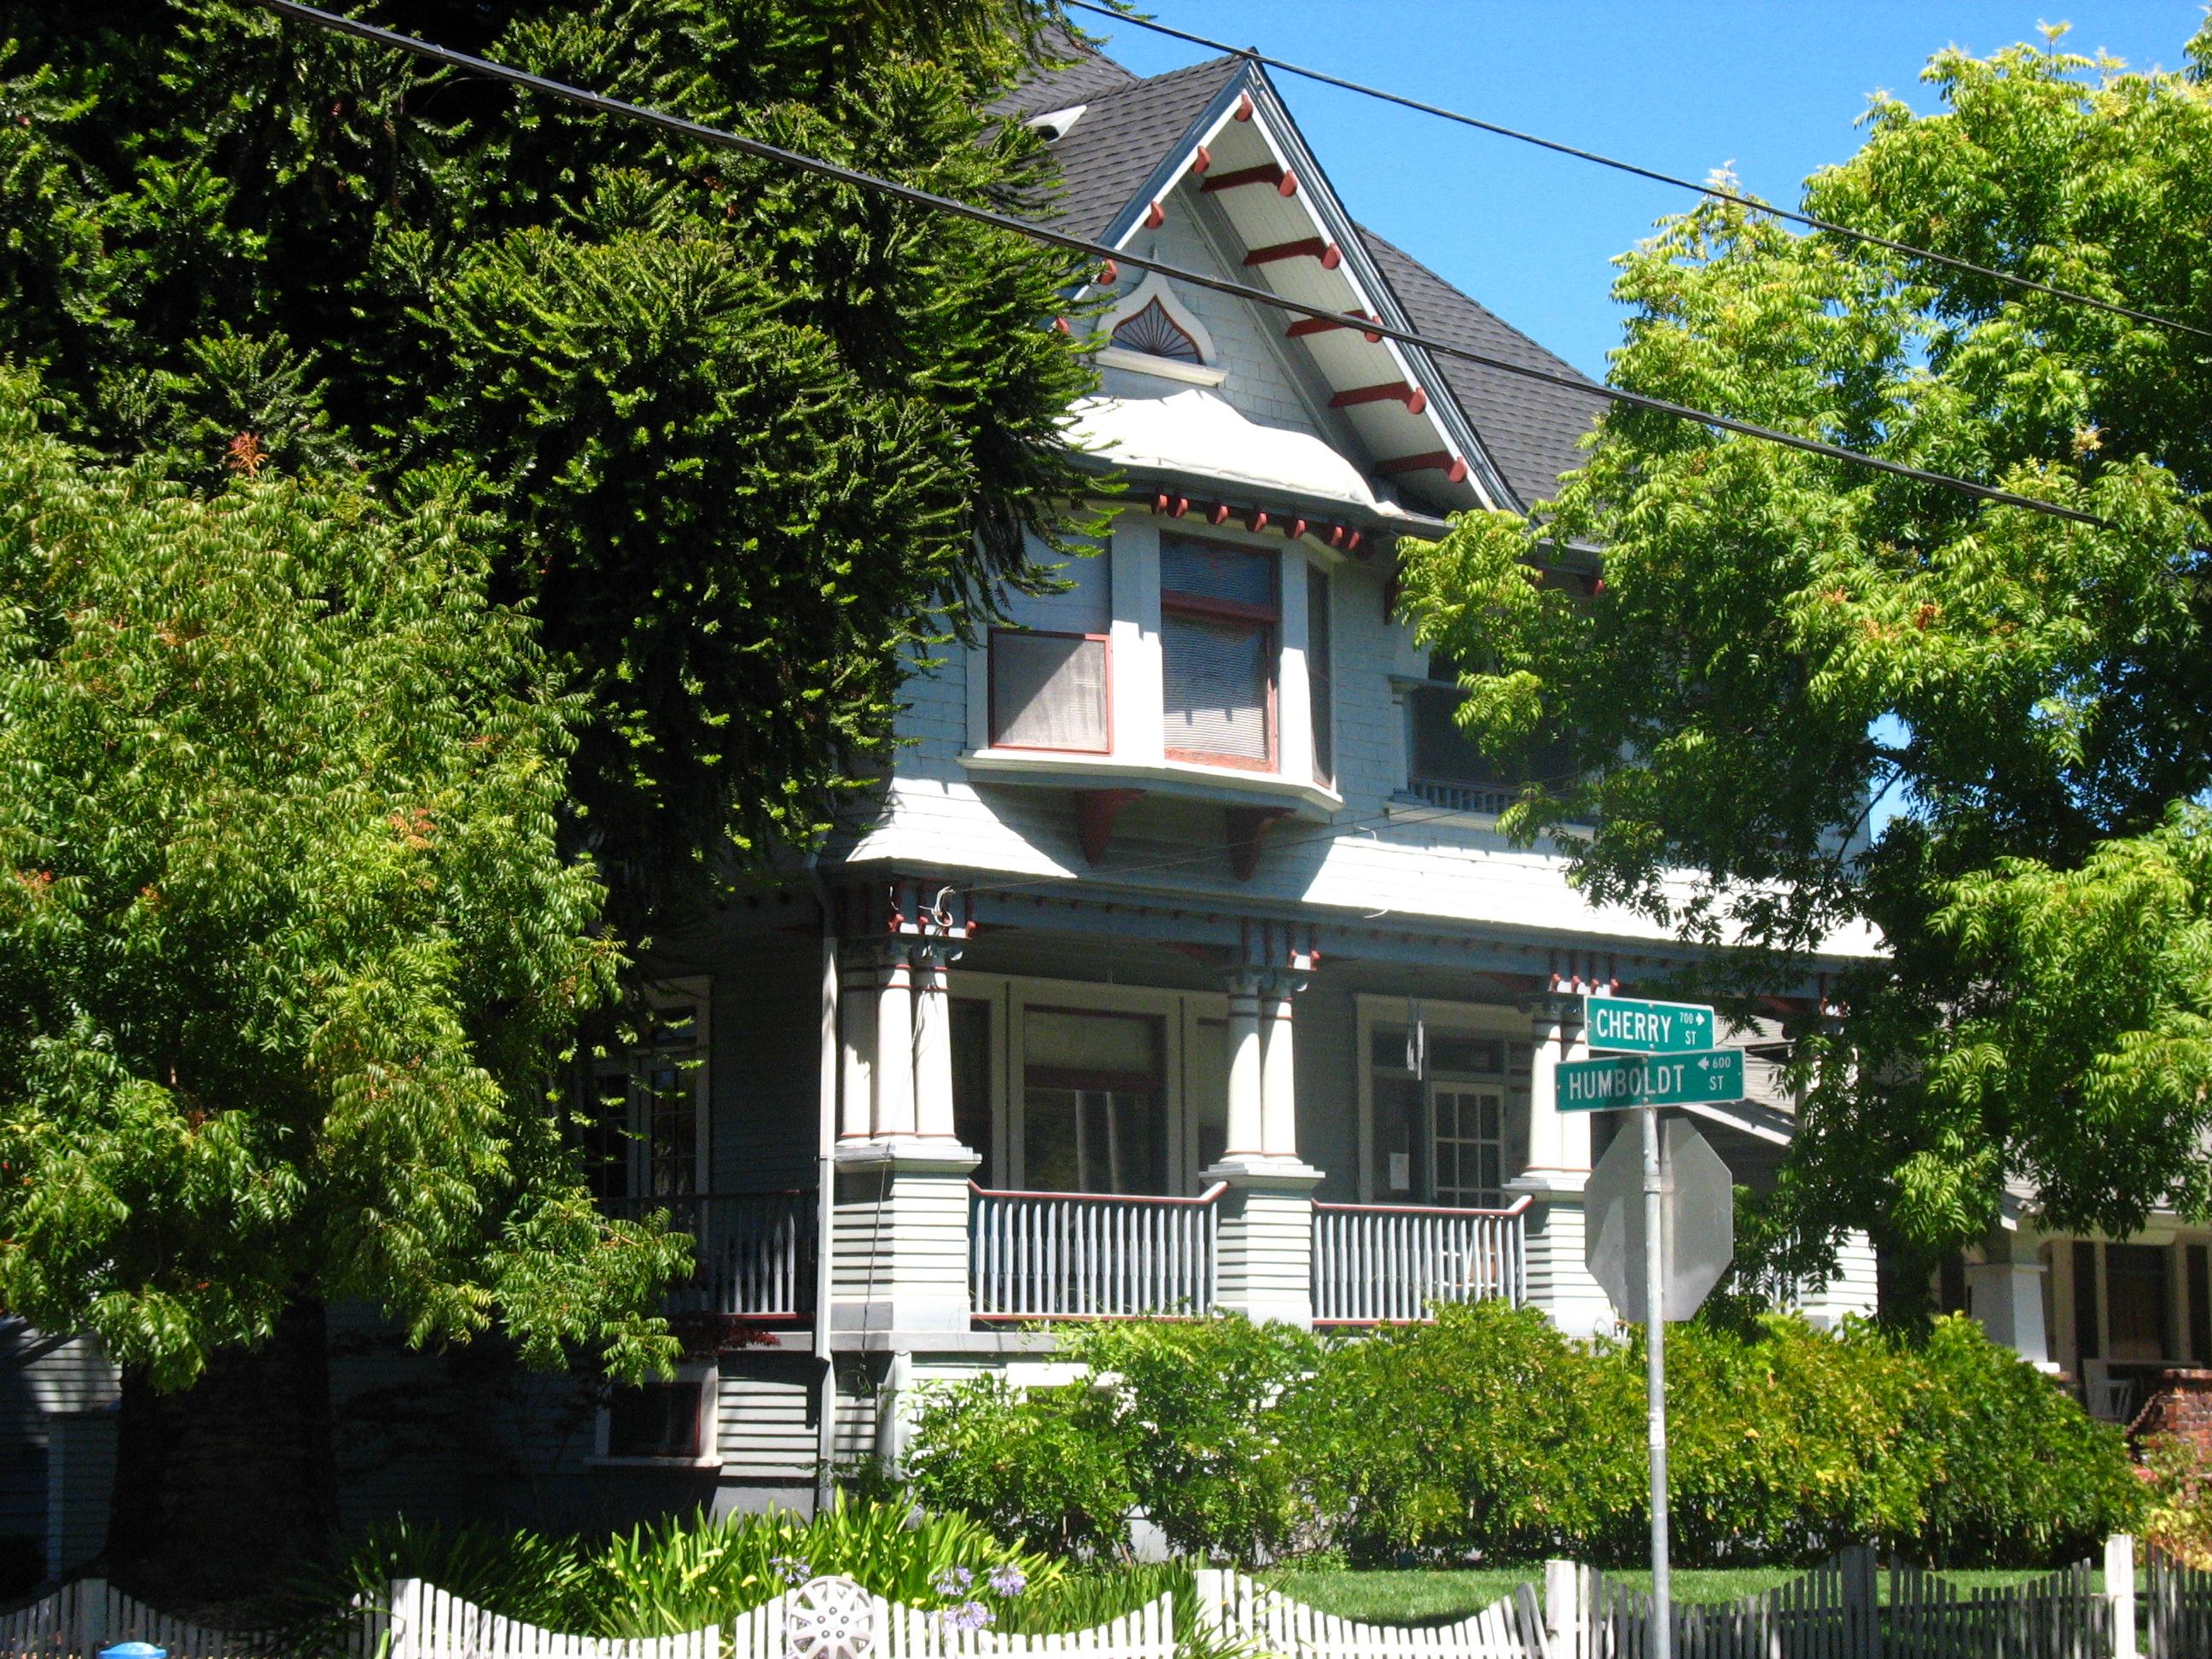 Belden House from Cherry Street